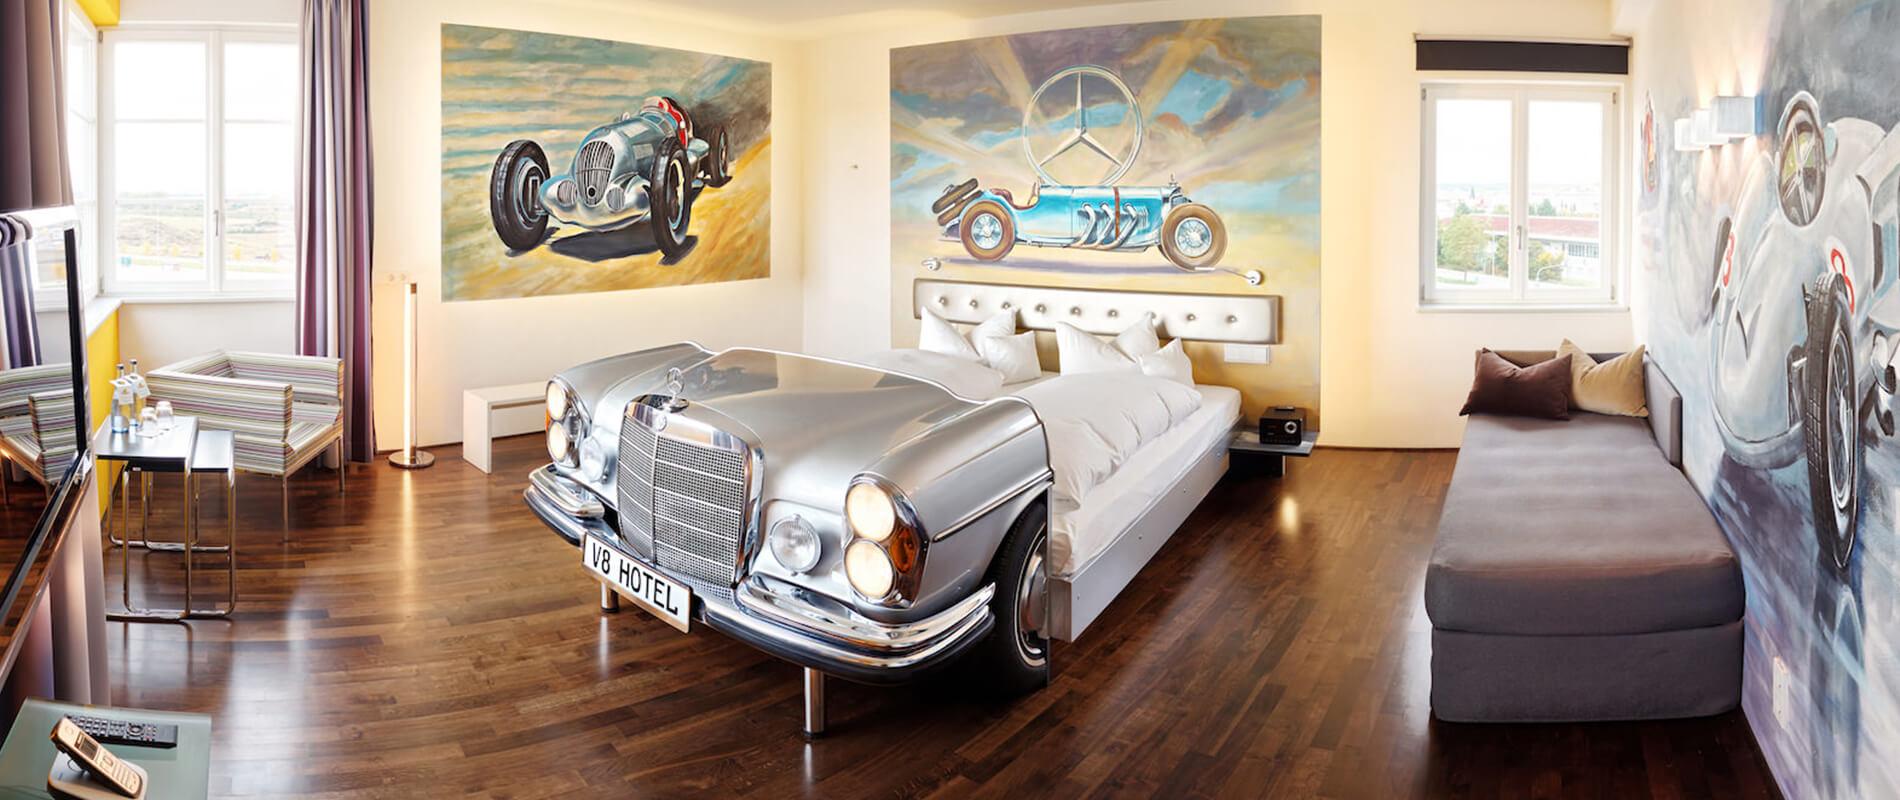 Il V8 Hotel Motorworld, la tappa ideale per gli appassionati d'auto